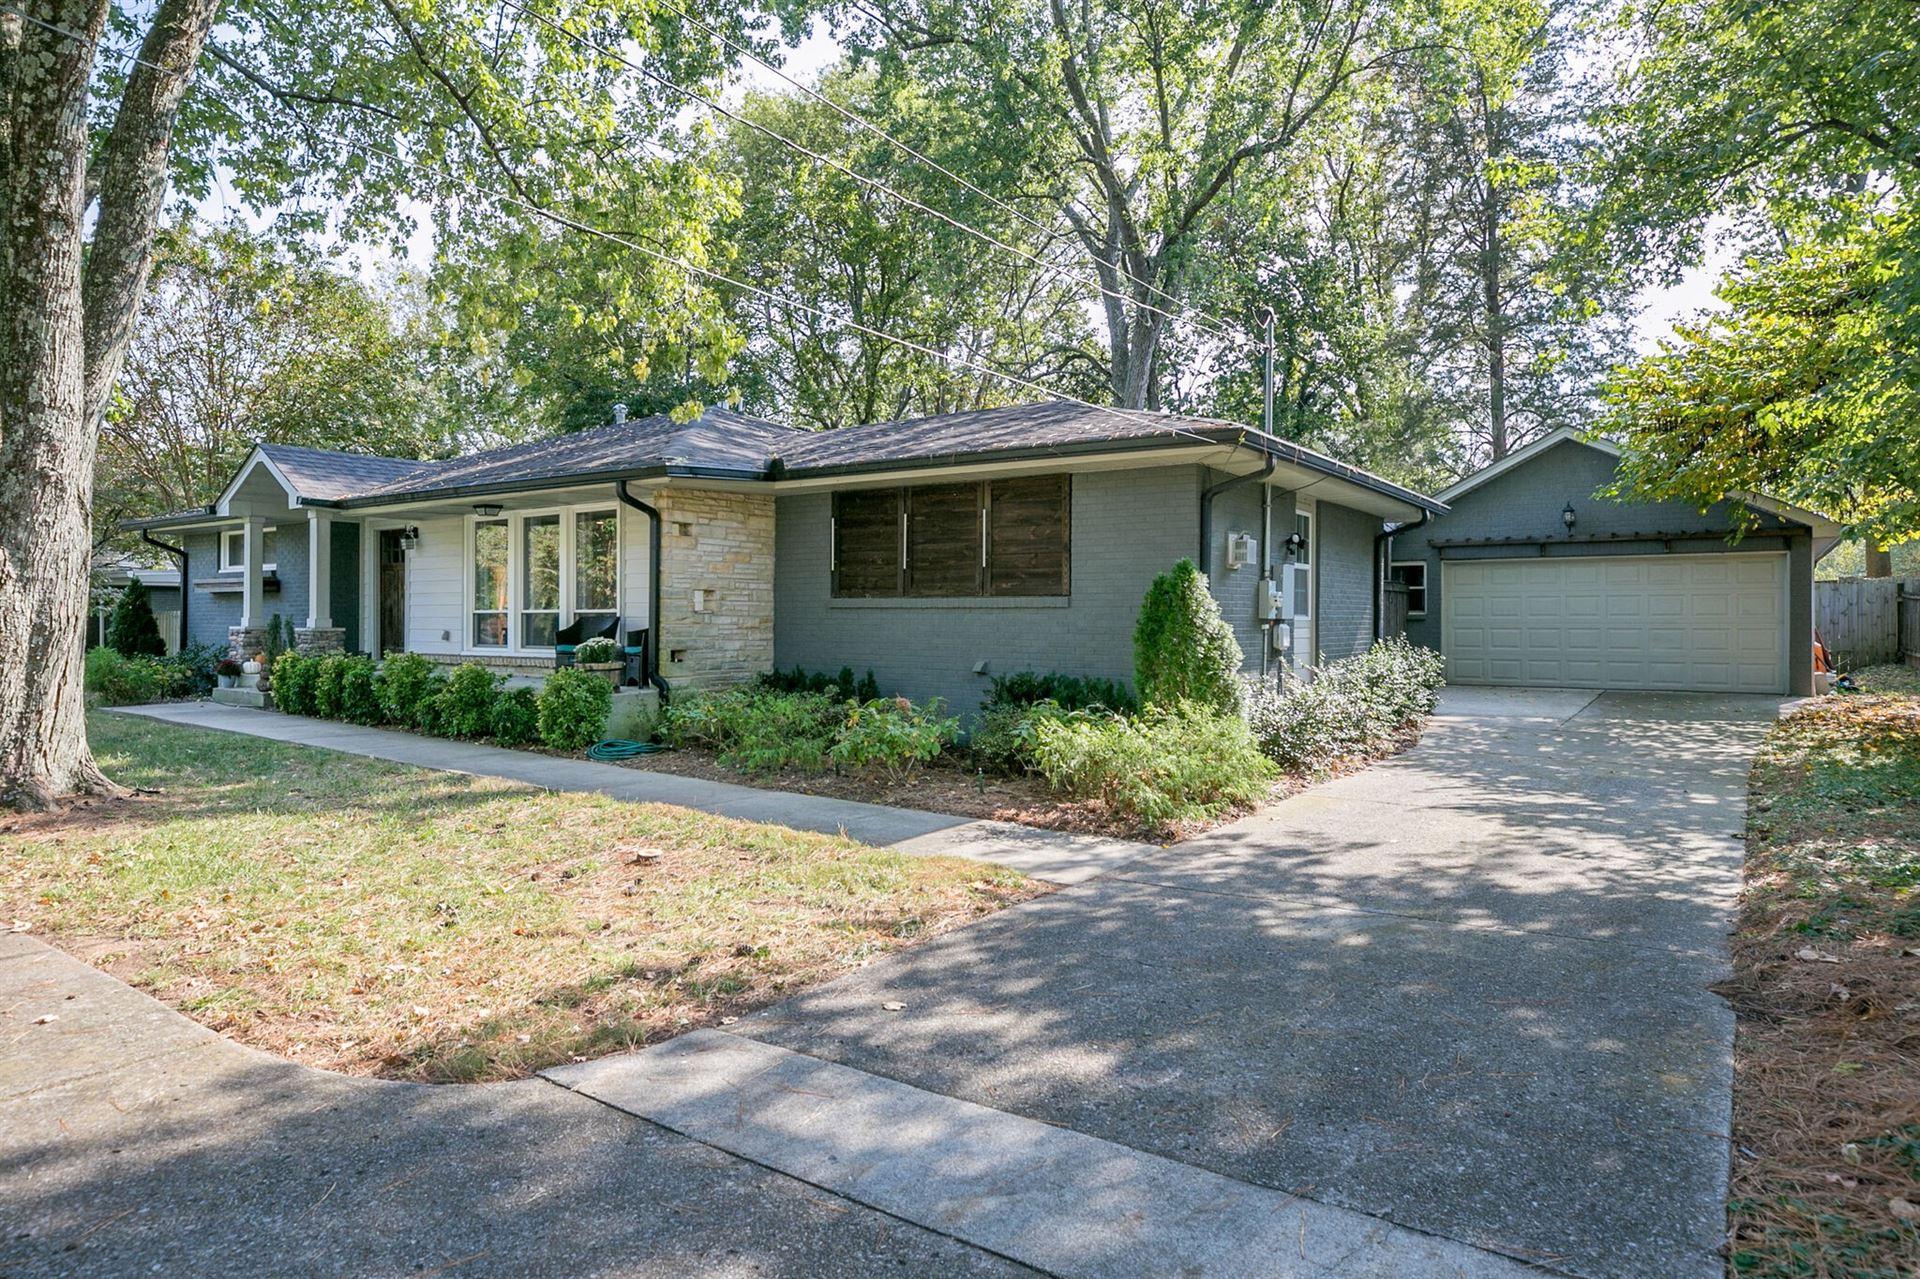 491 Hogan Rd, Nashville, TN 37220 - MLS#: 2200602